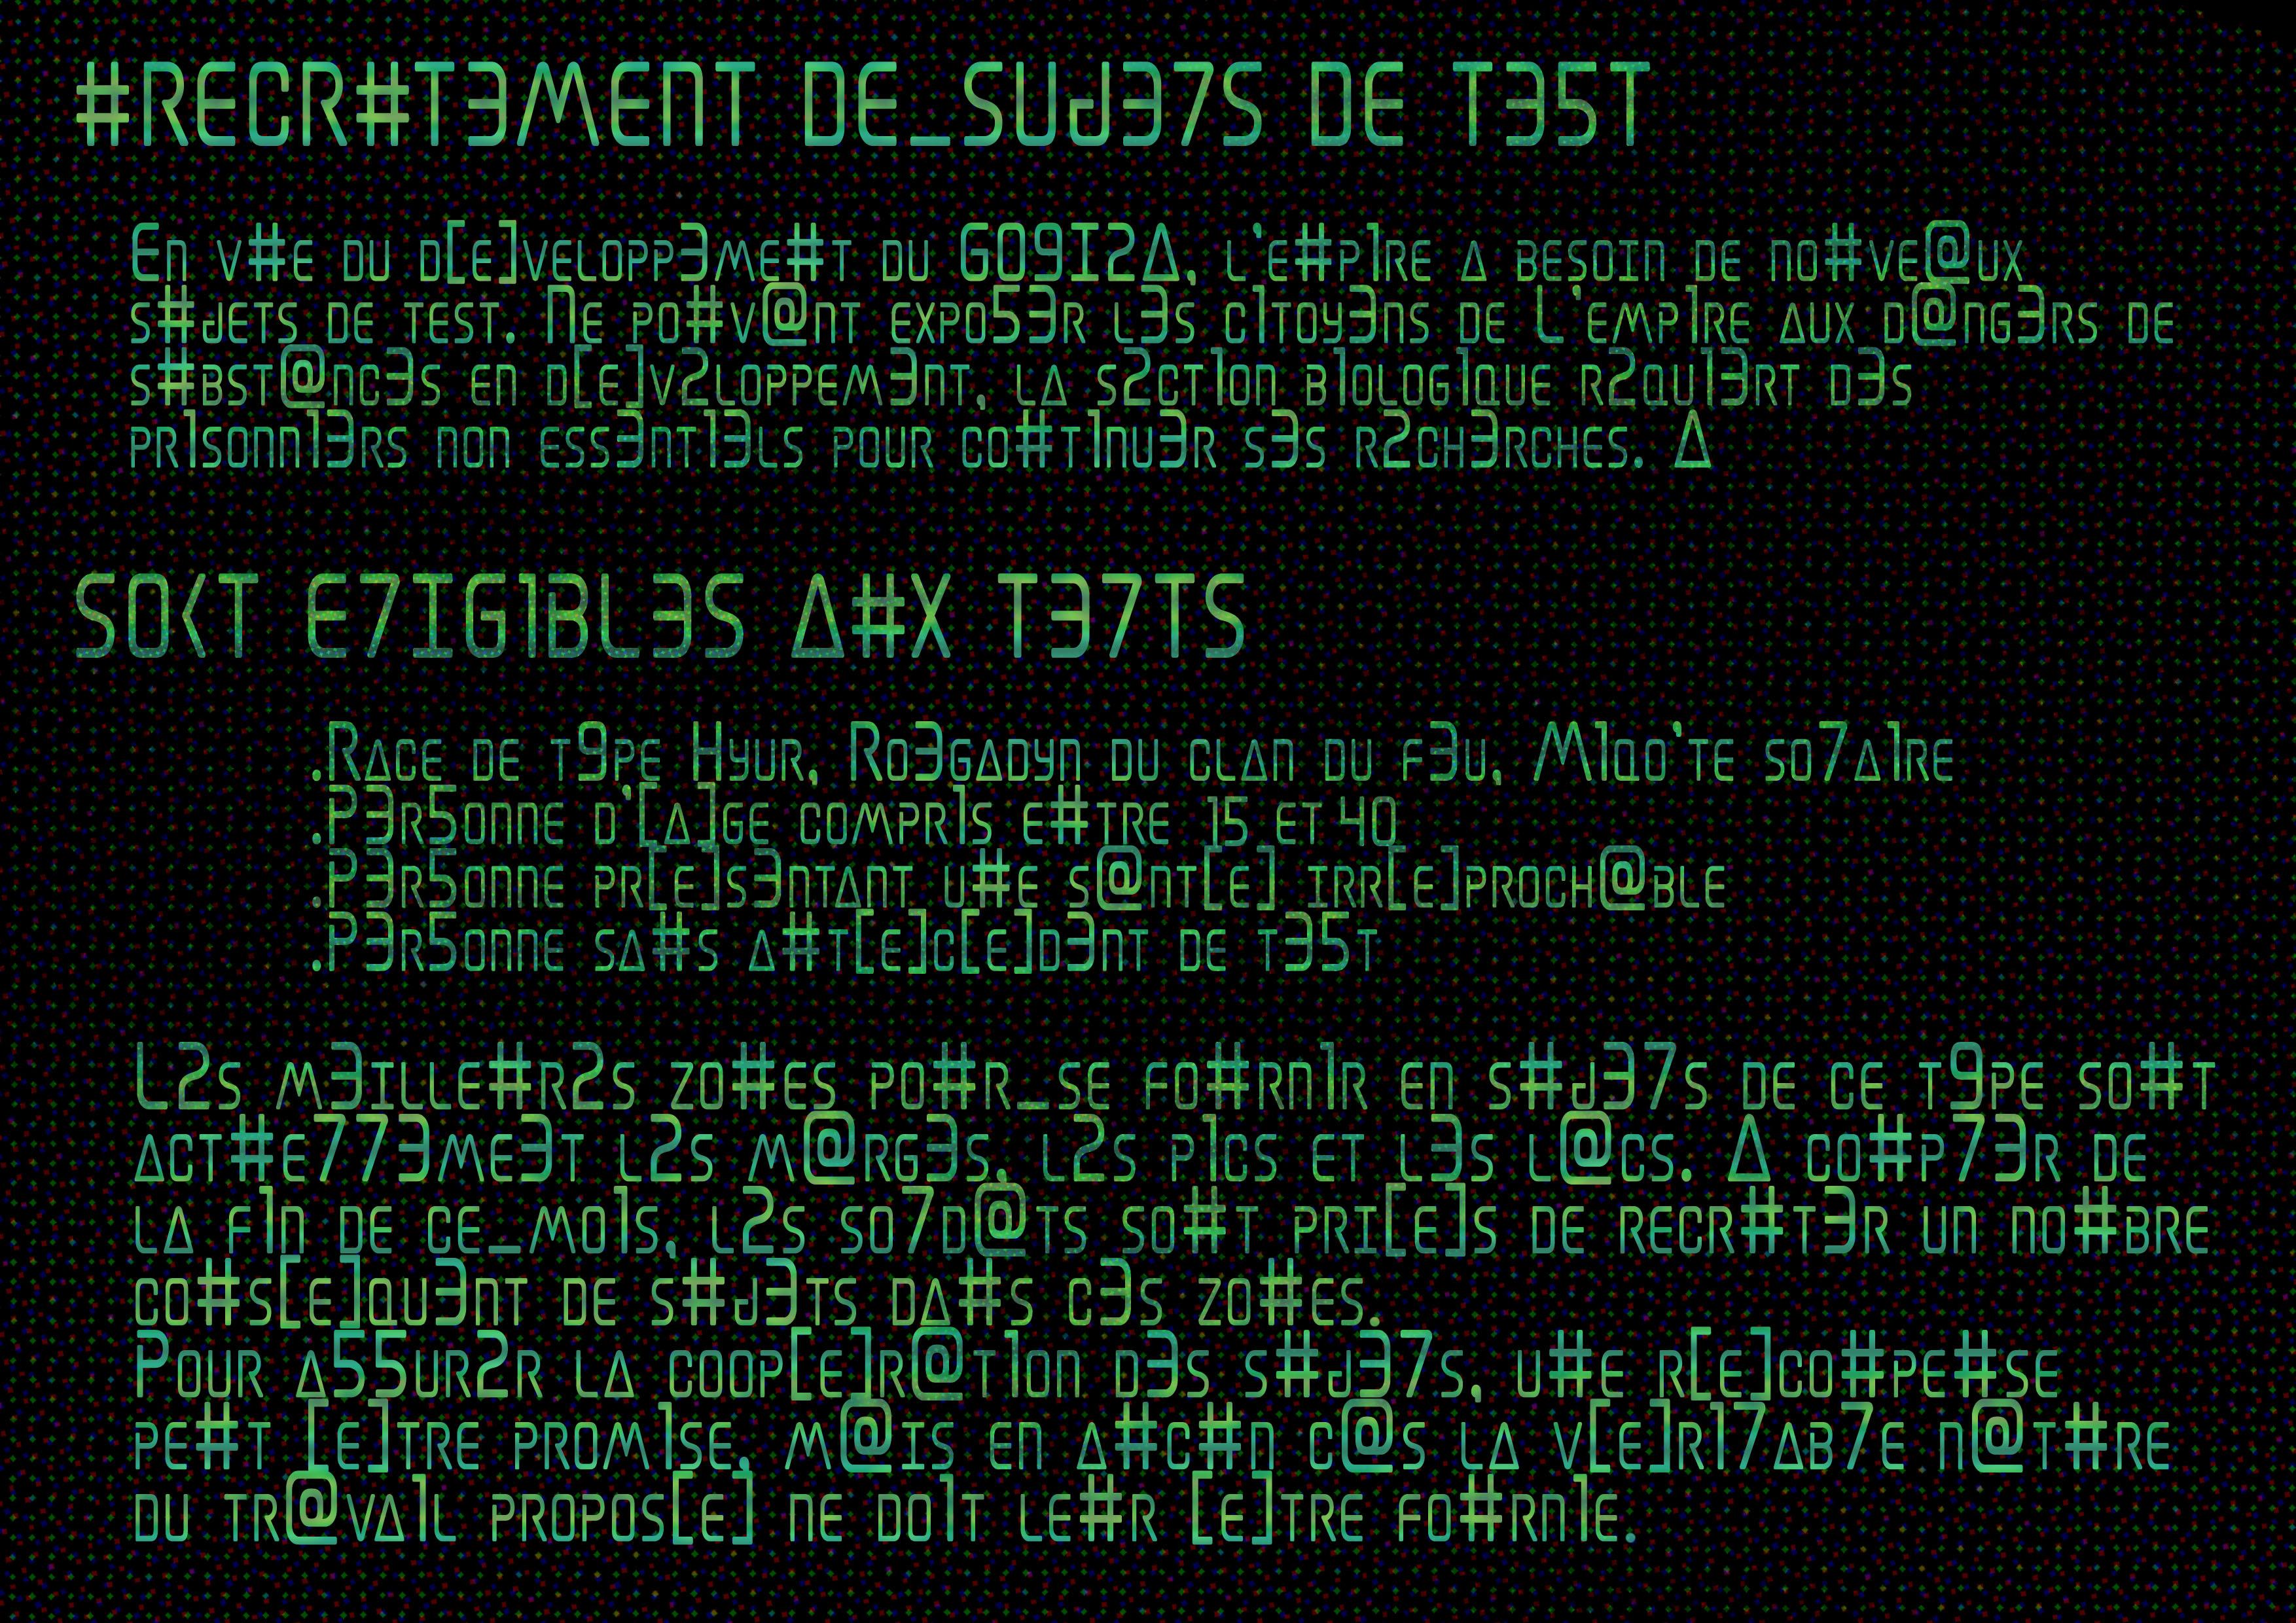 [ Récupération ] Un transporteur magitek et ses données. Clef_de_recrutement